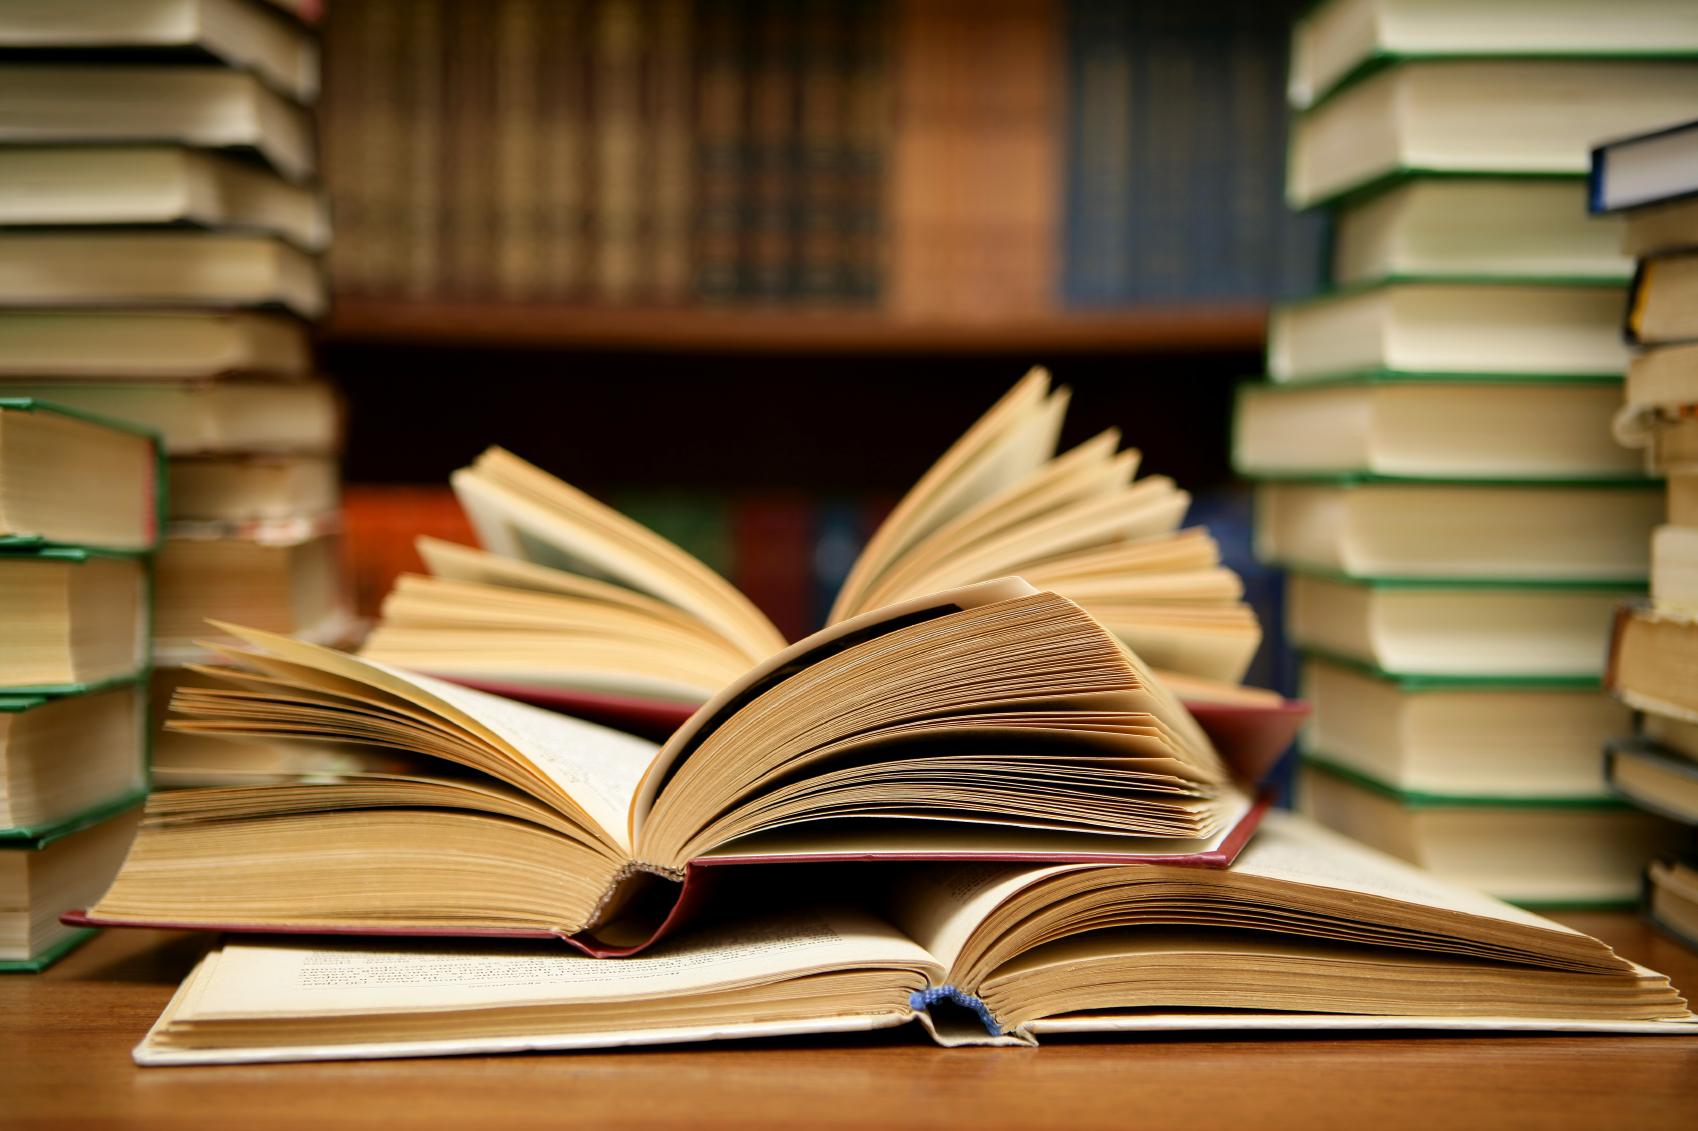 Llibres que fan pensar